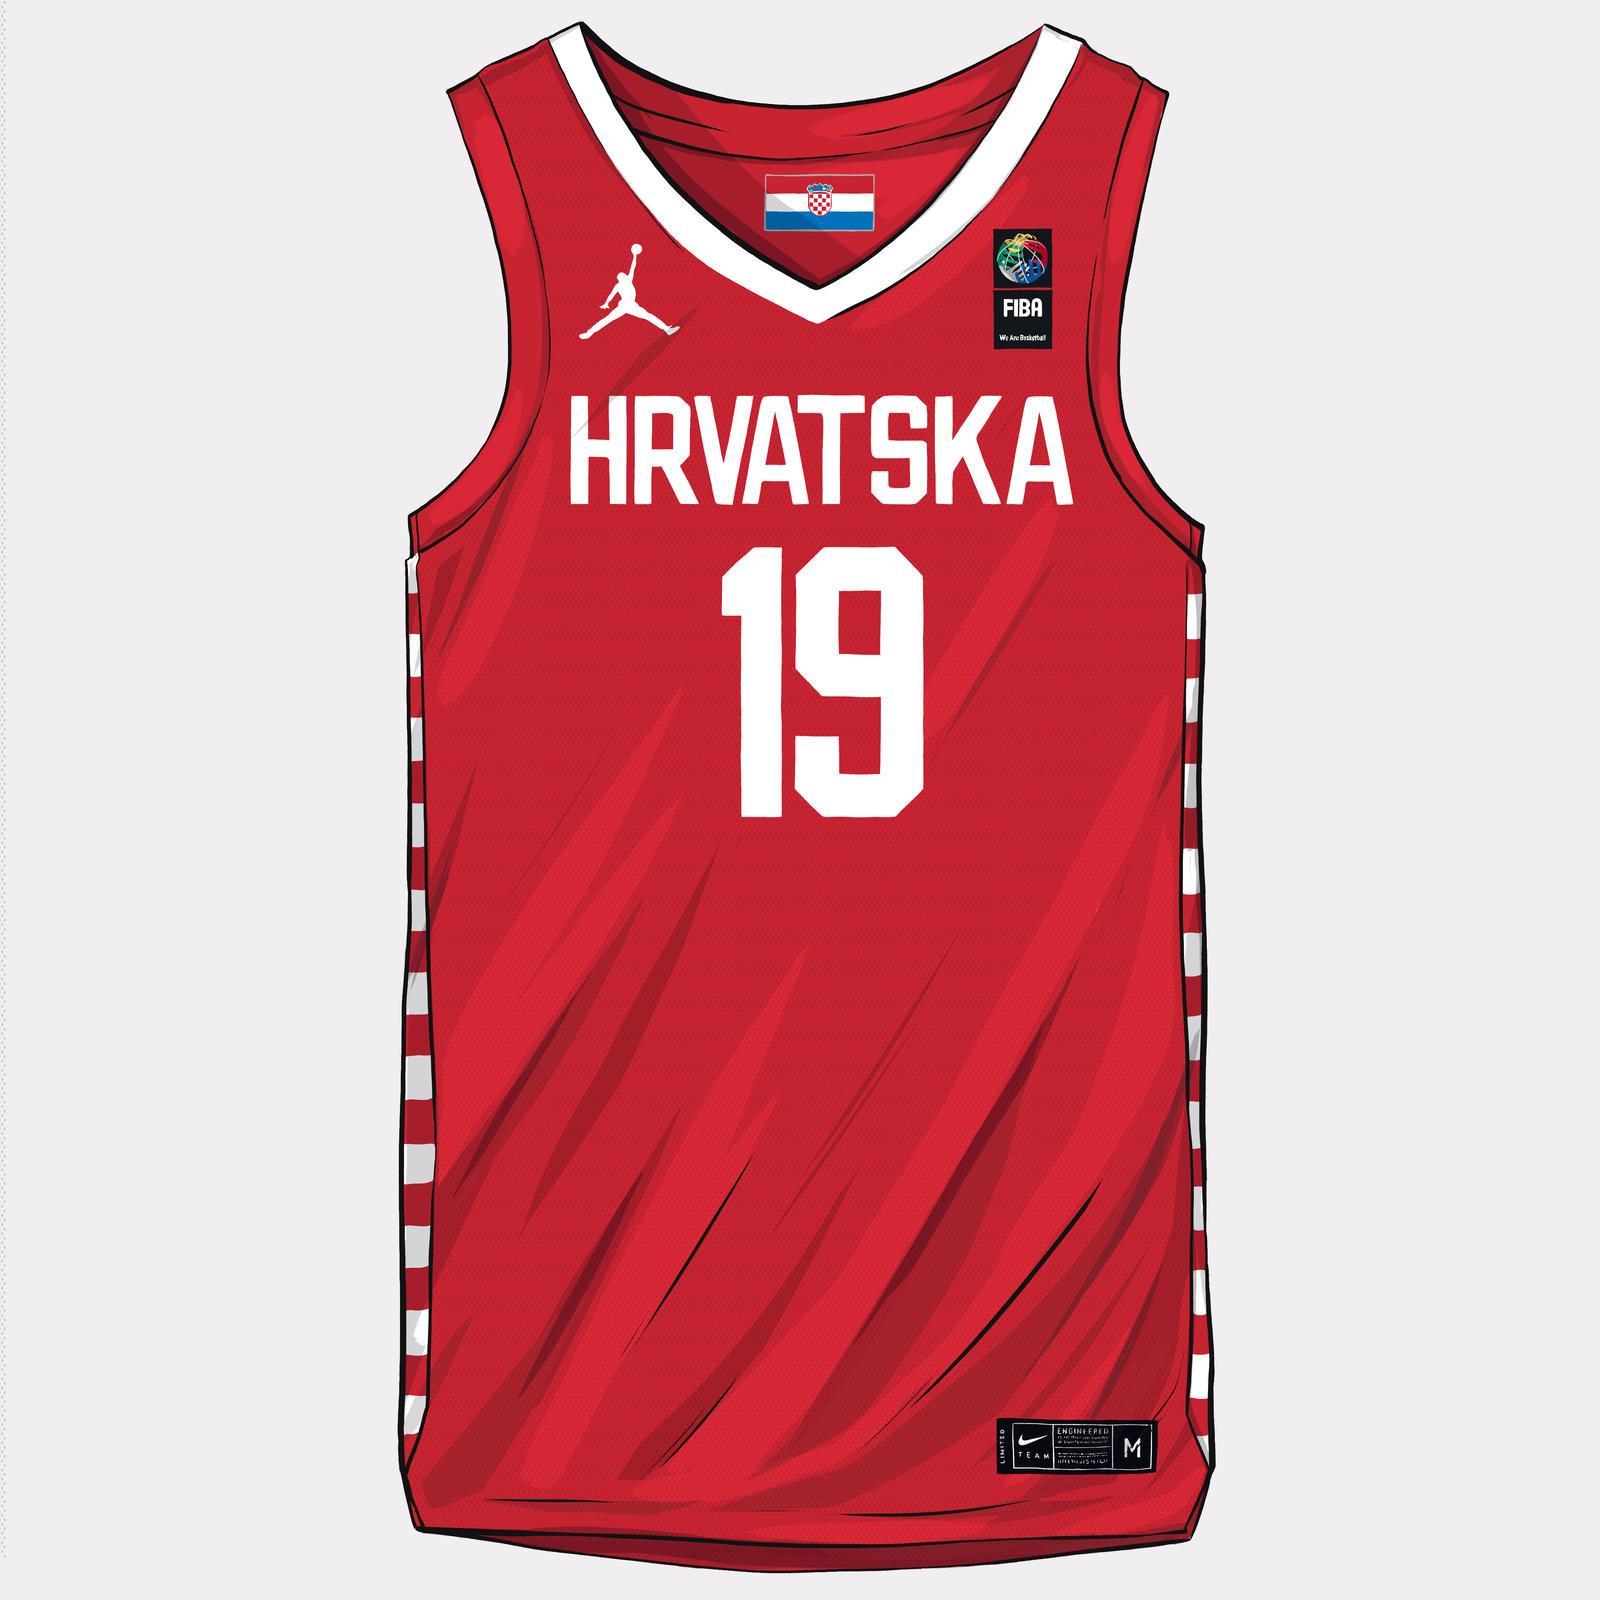 nike-news-croatia-national-team-kit-2019-illustration-1x1_1_89514.jpg